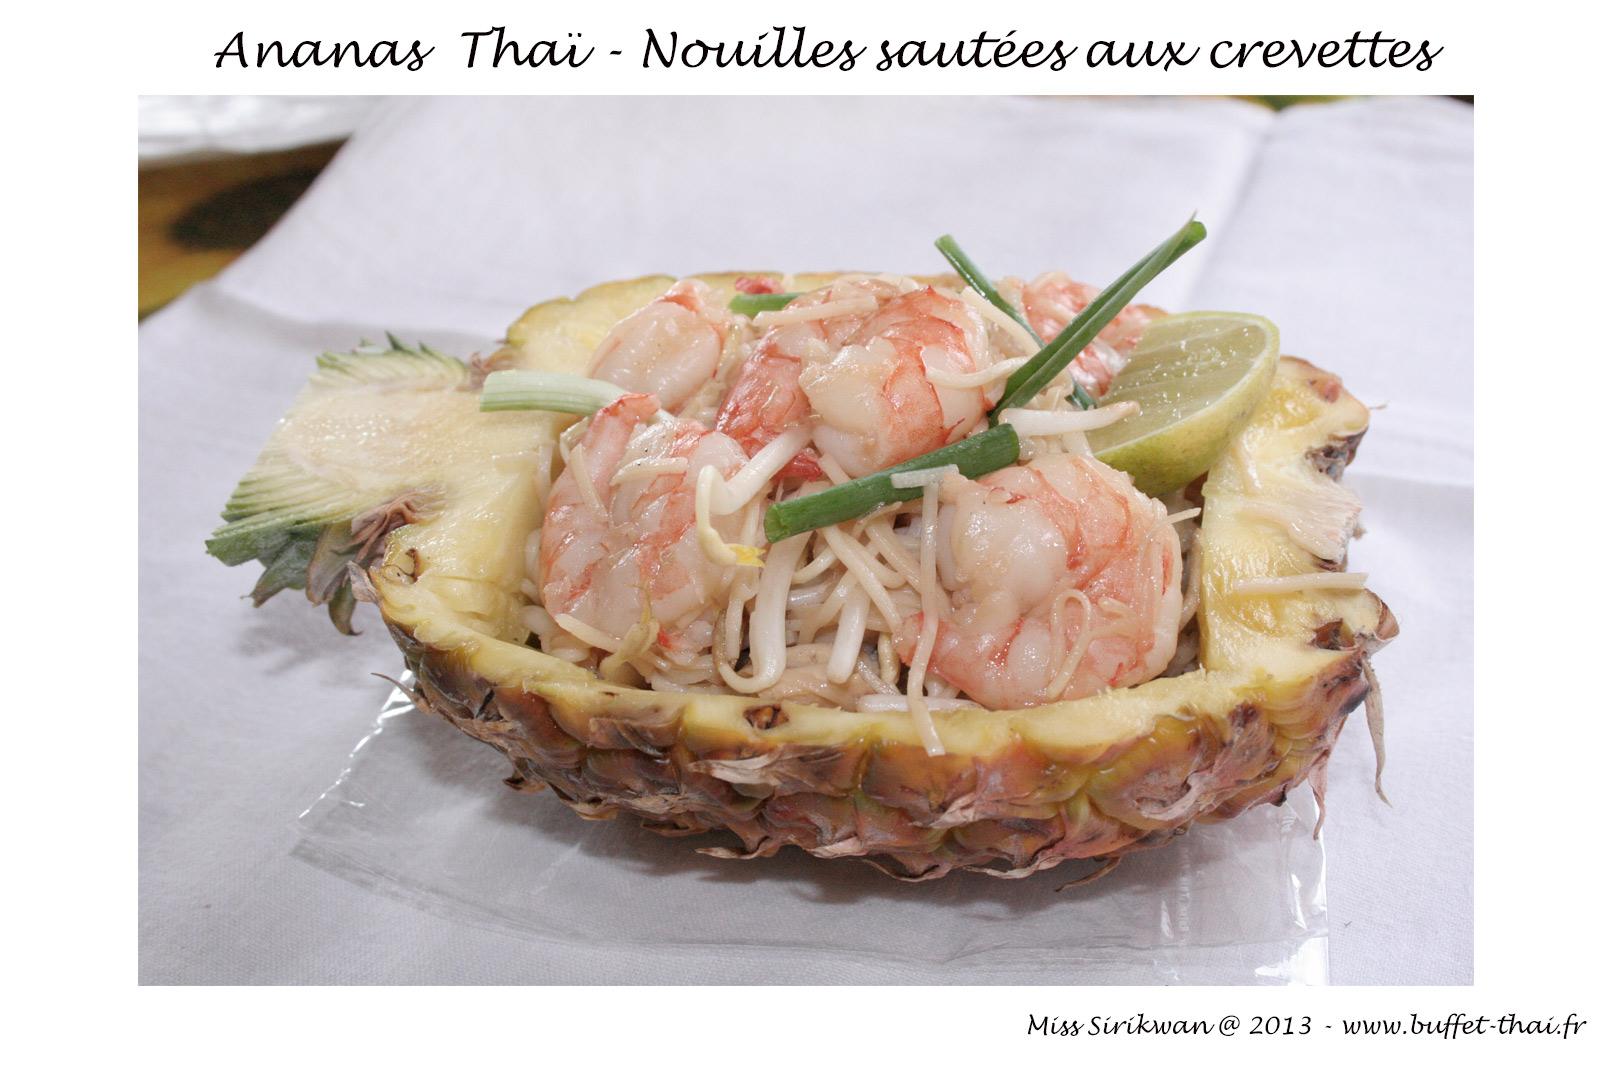 ananas-thai-nouilles-sautees